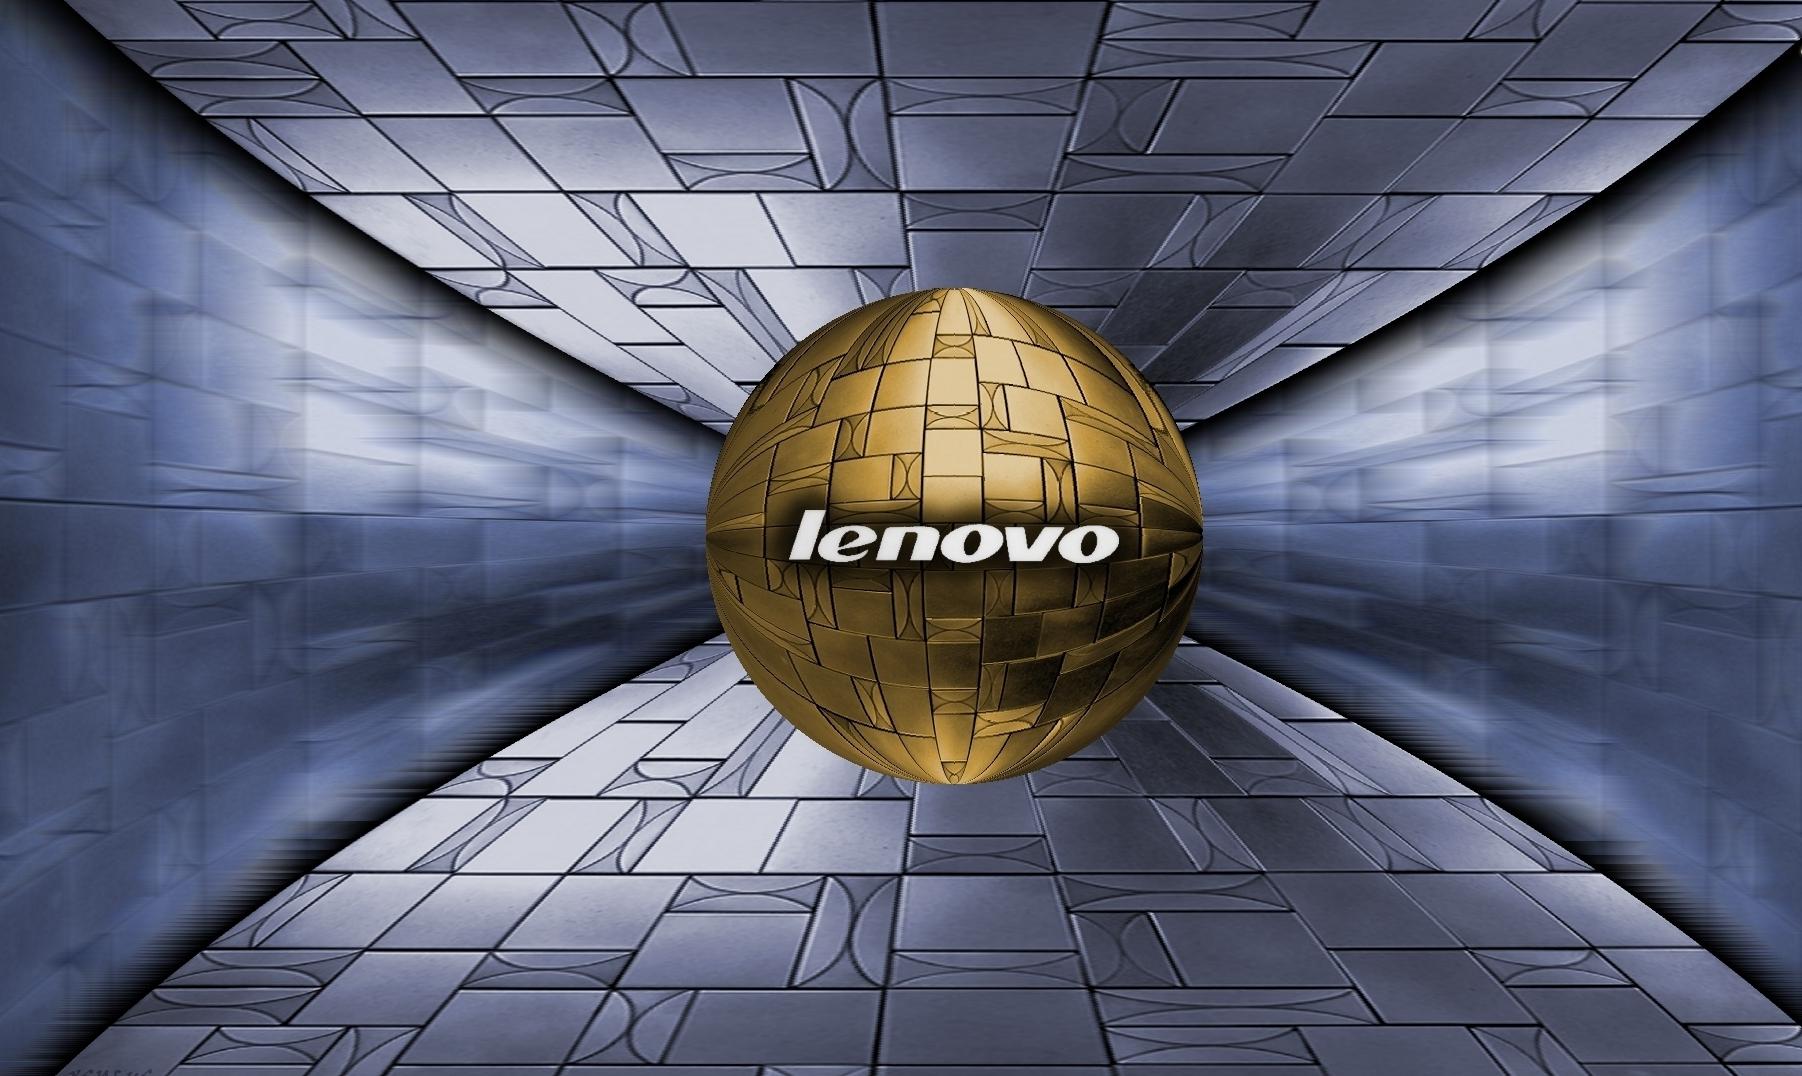 30 ] Space Lenovo Wallpapers On WallpaperSafari